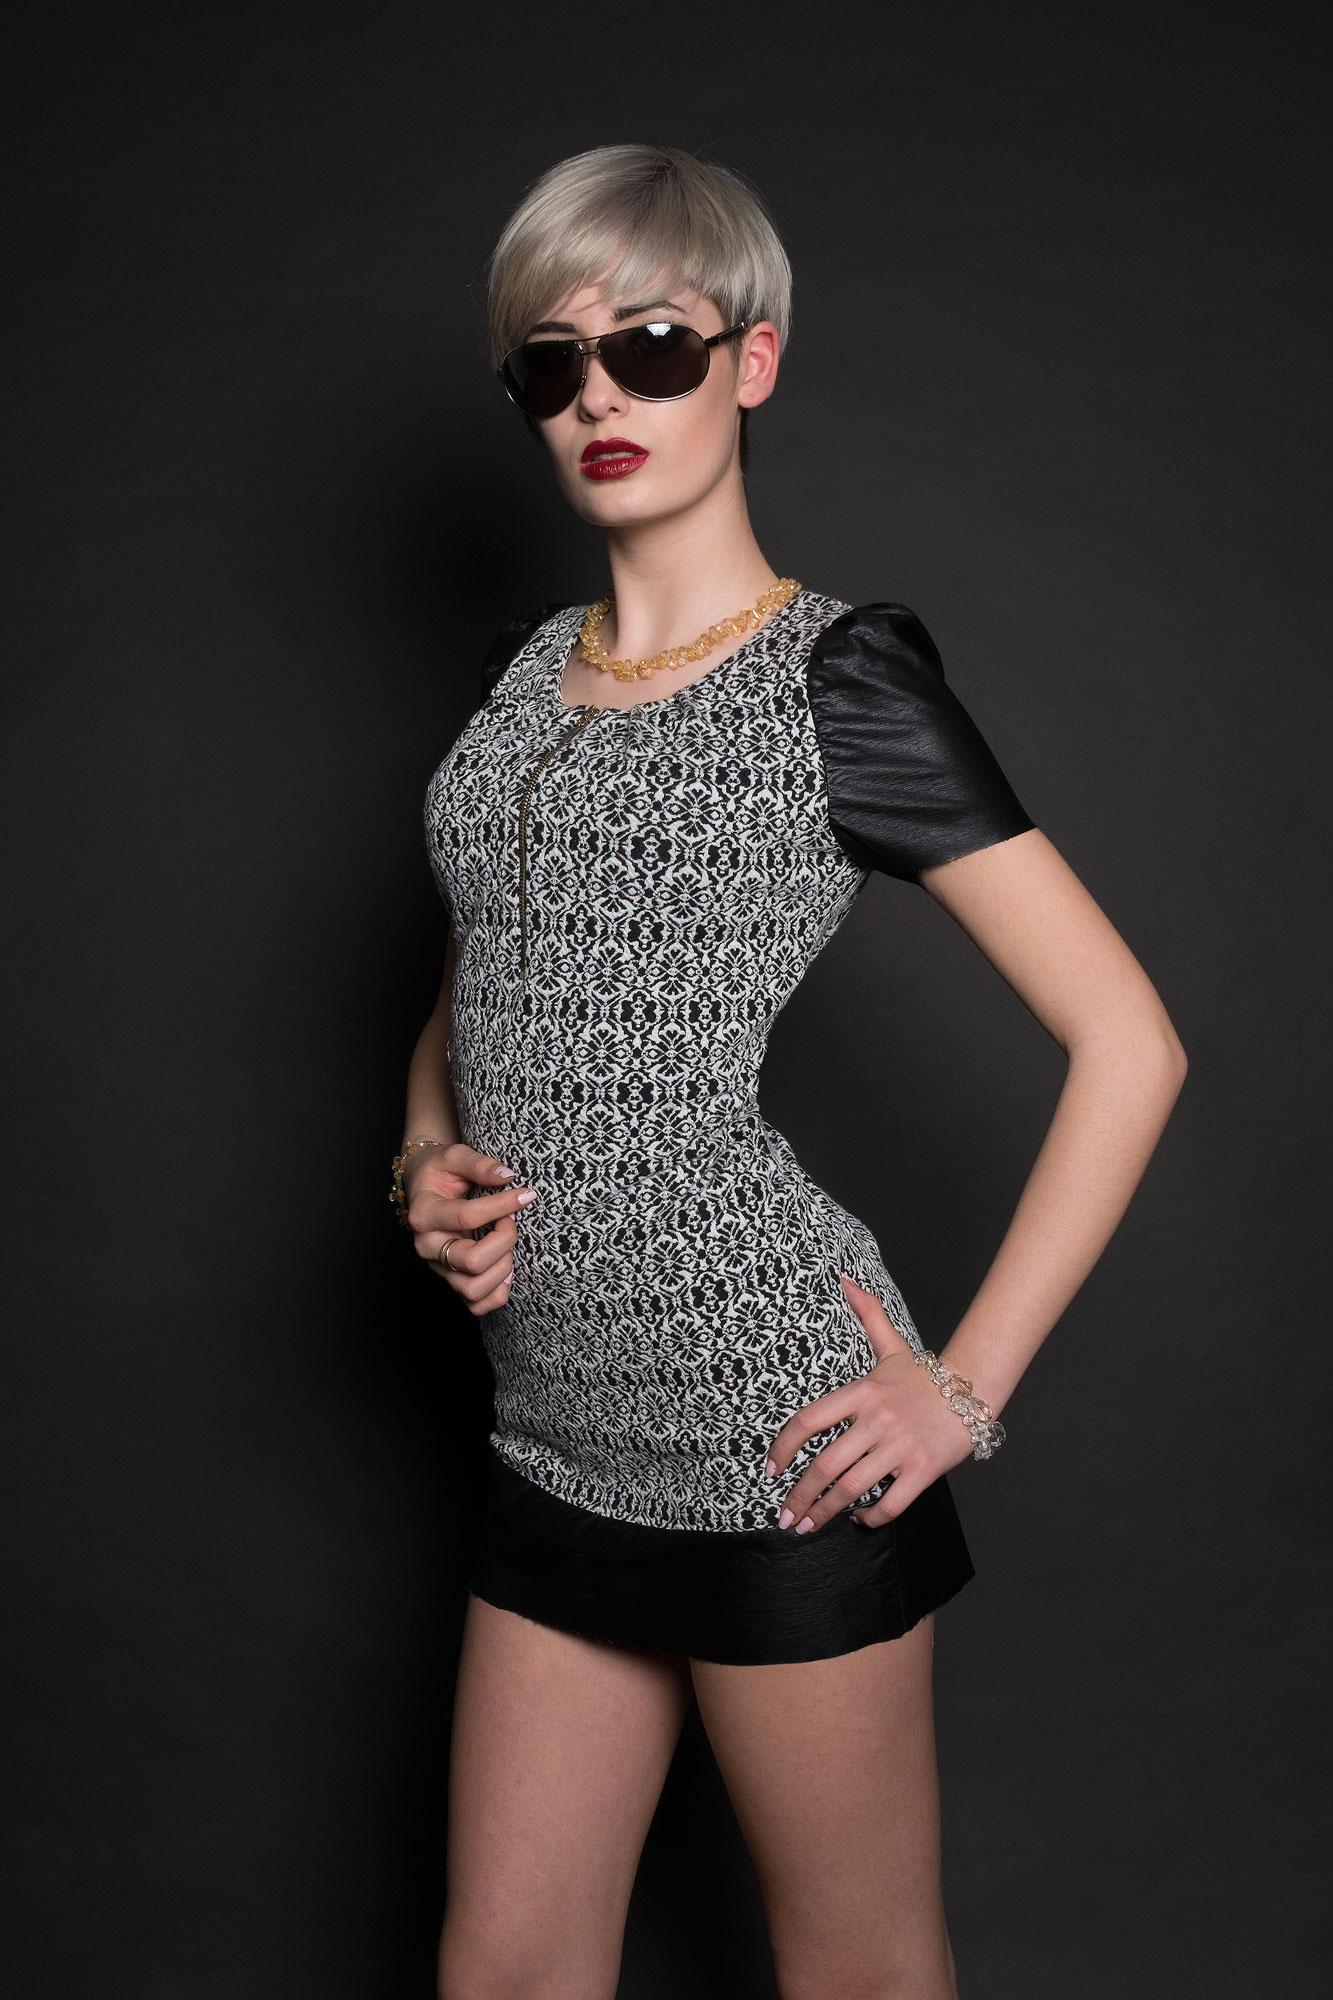 Viola - Creative Models - Agenzia di Modelle Brescia